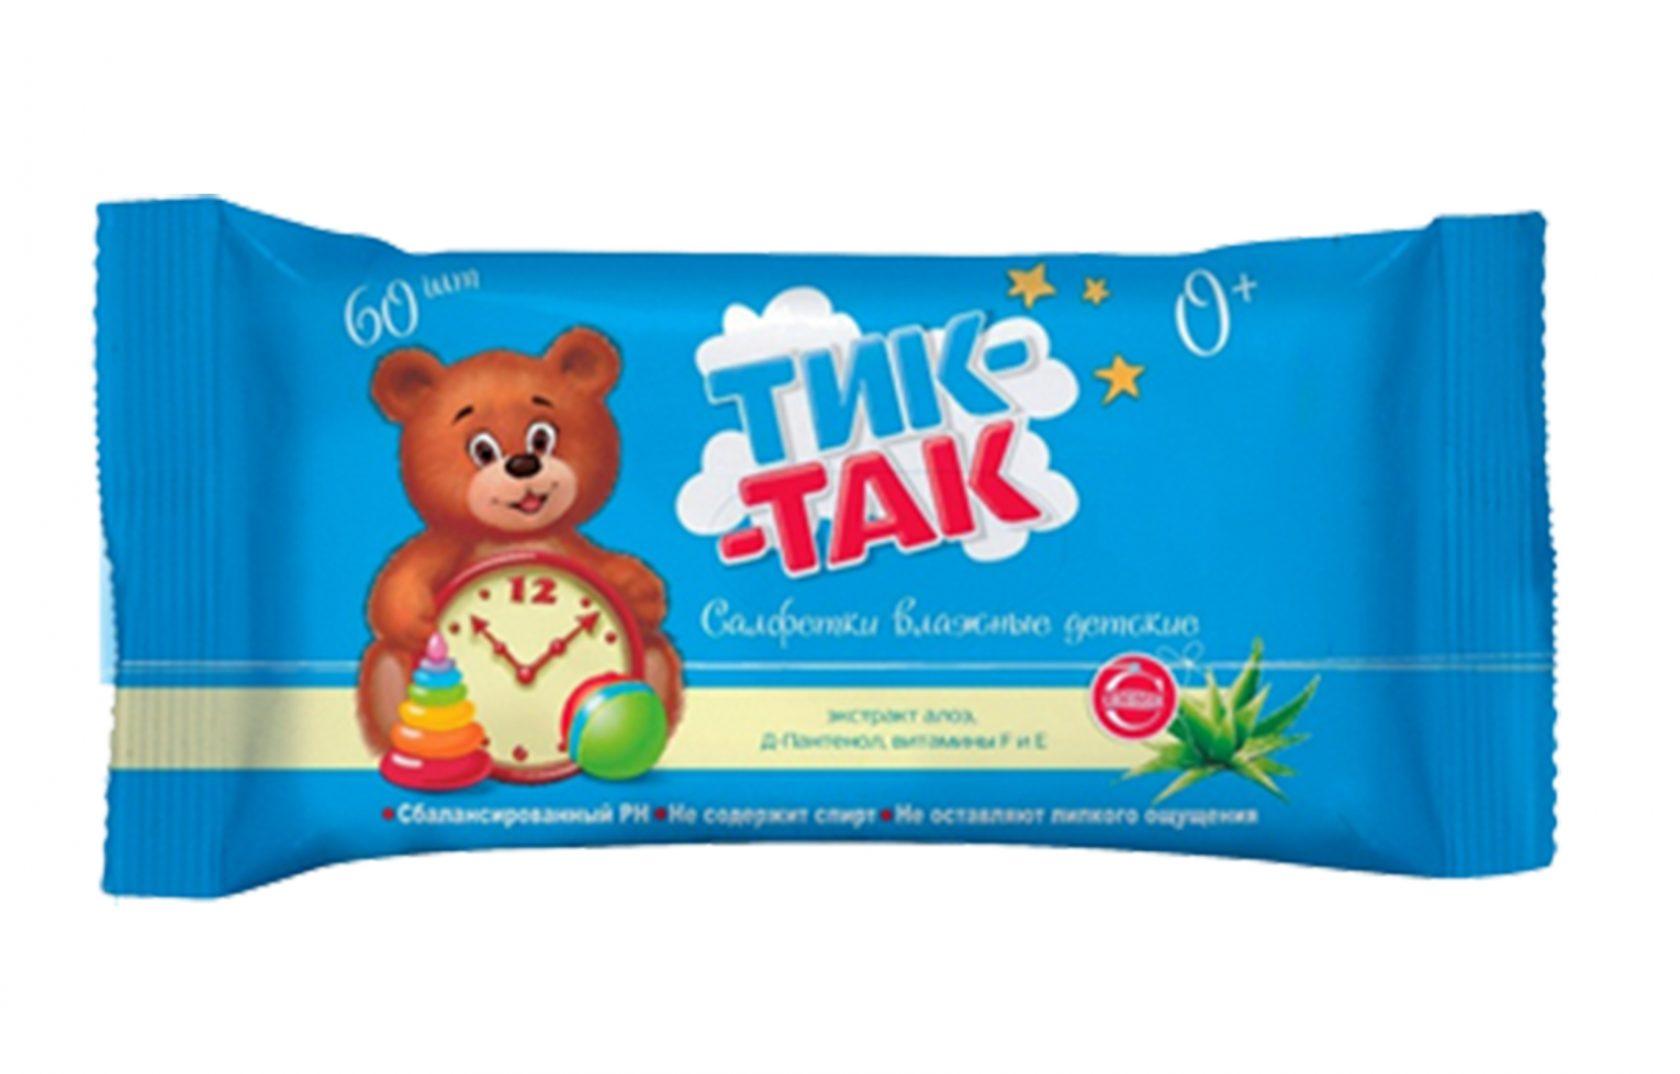 Салфетки влаж детские «ТИК-ТАК» с алоэ, 60шт